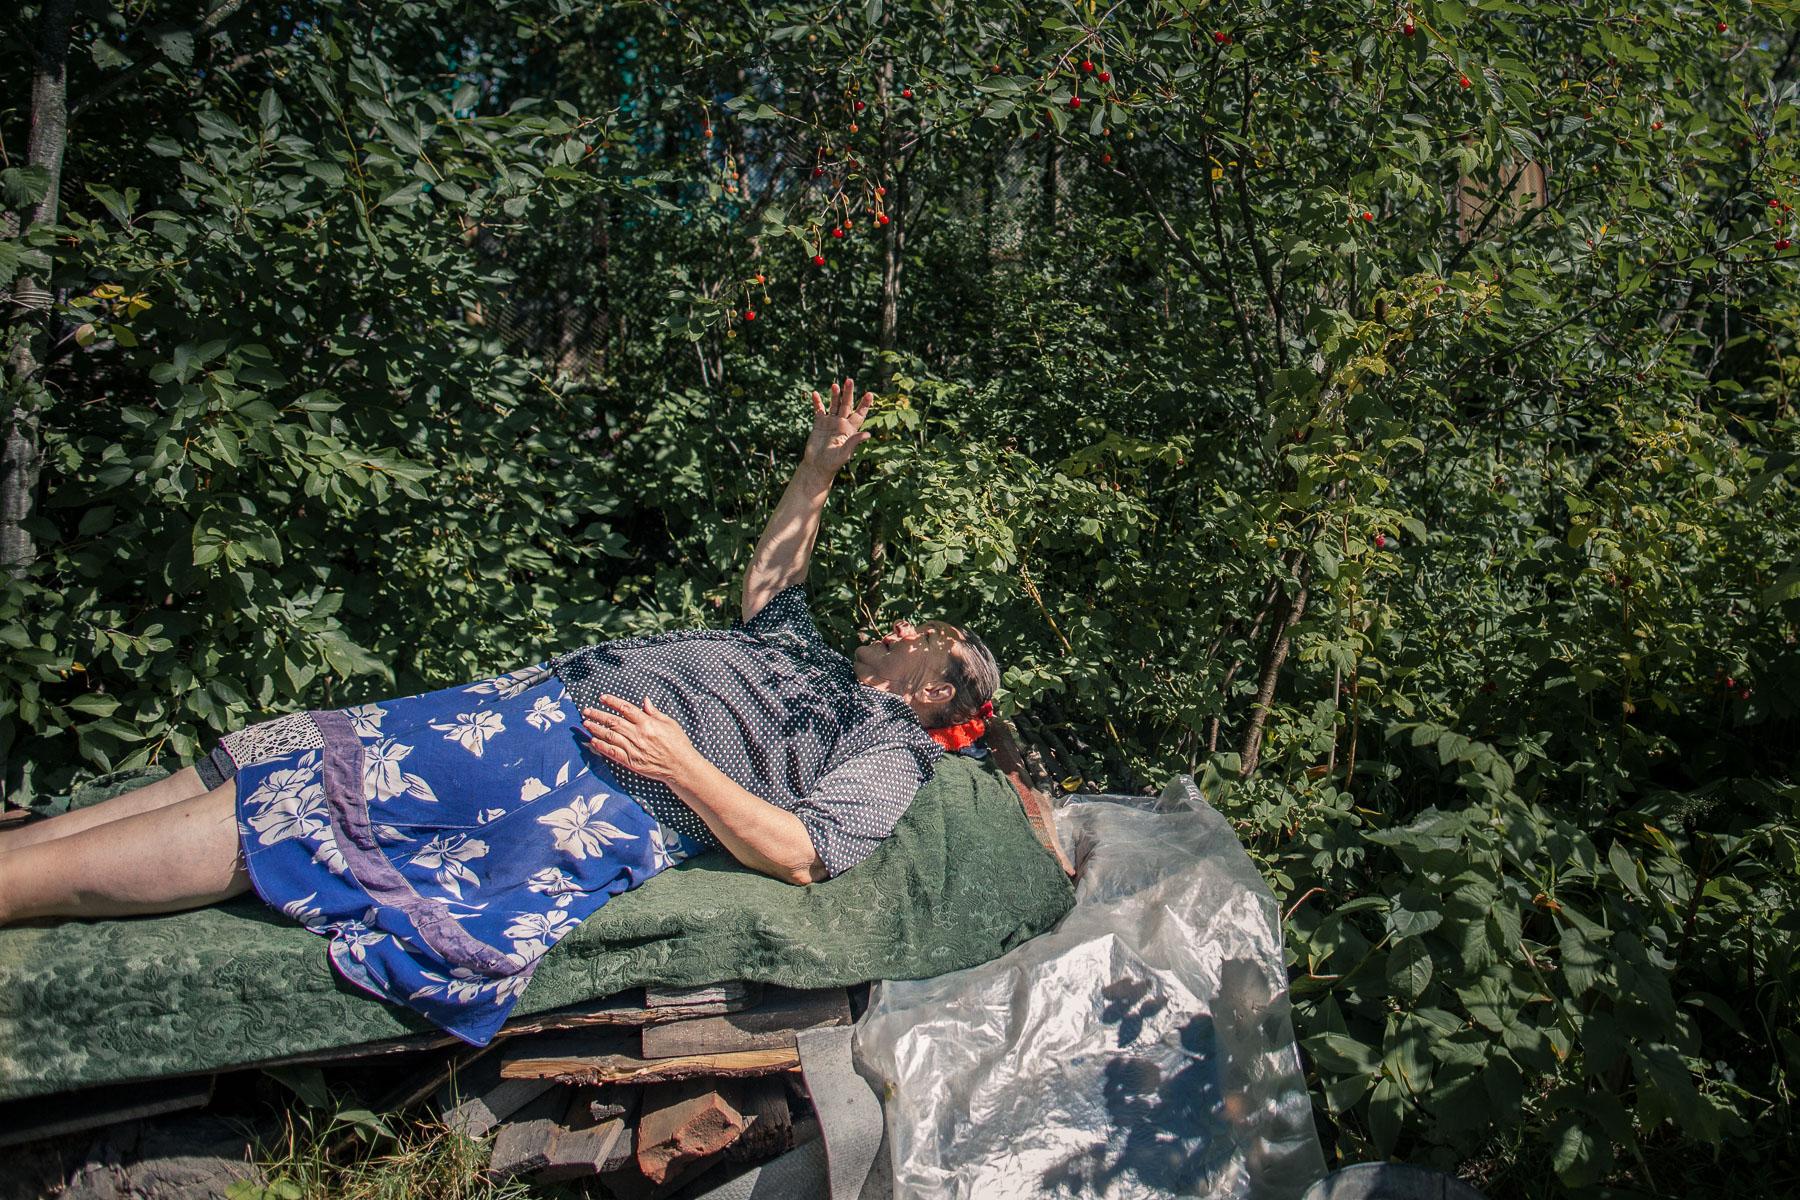 Anna Baranova in her Garden